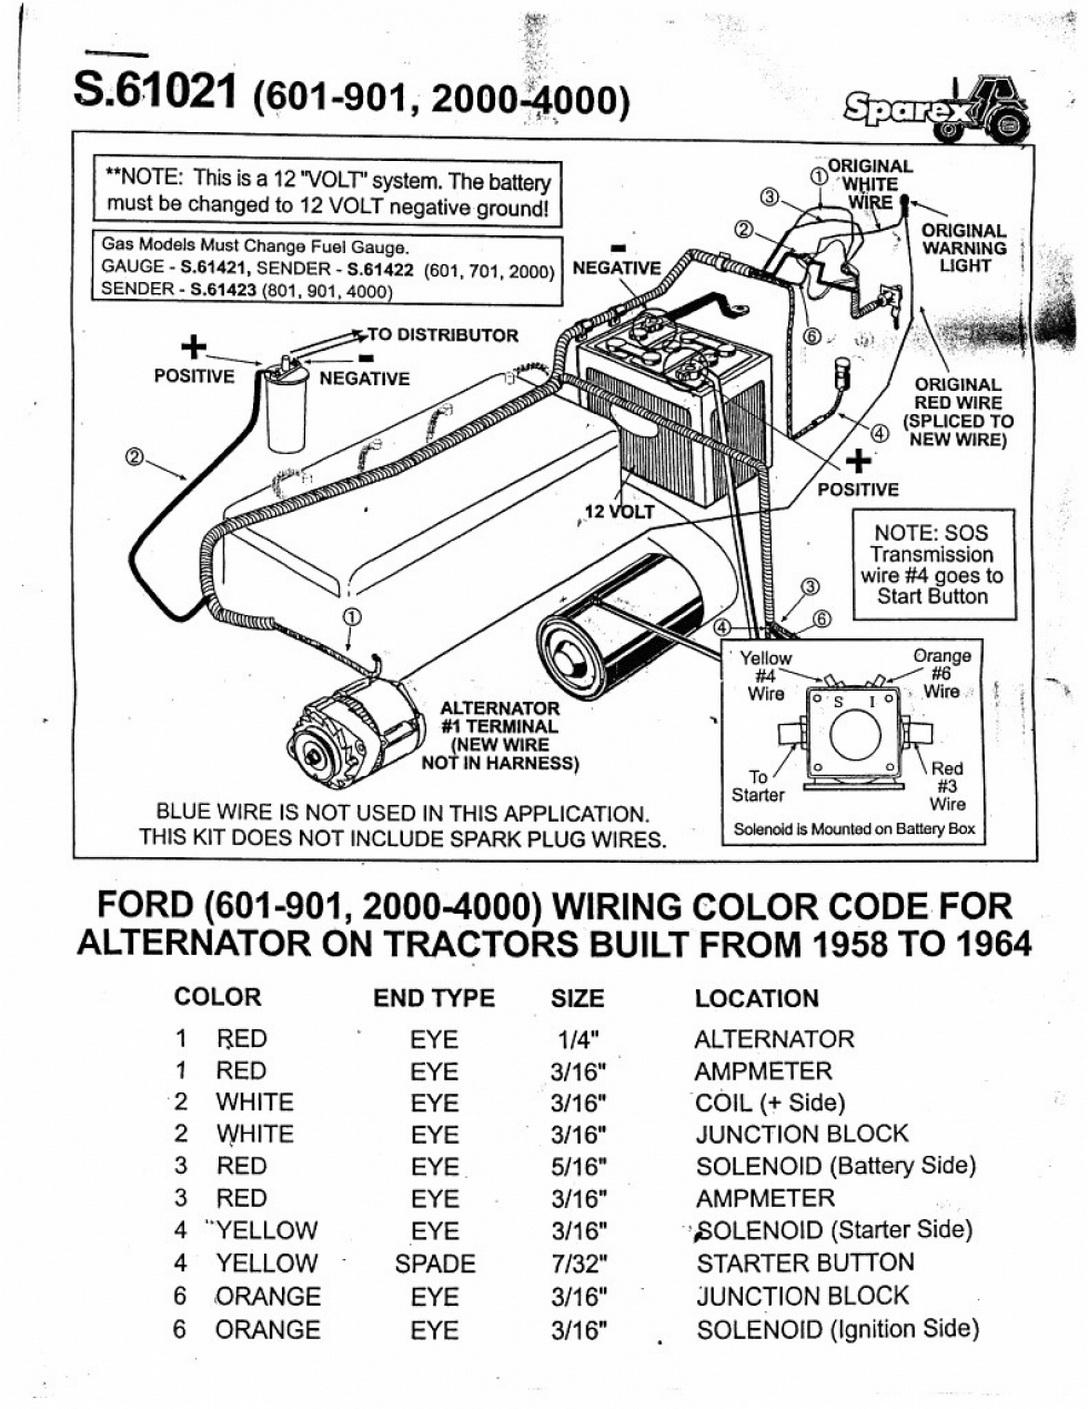 Ford 8N Tractor Wiring Diagram | Wiring Diagram - 8N Ford Tractor Wiring Diagram 6 Volt